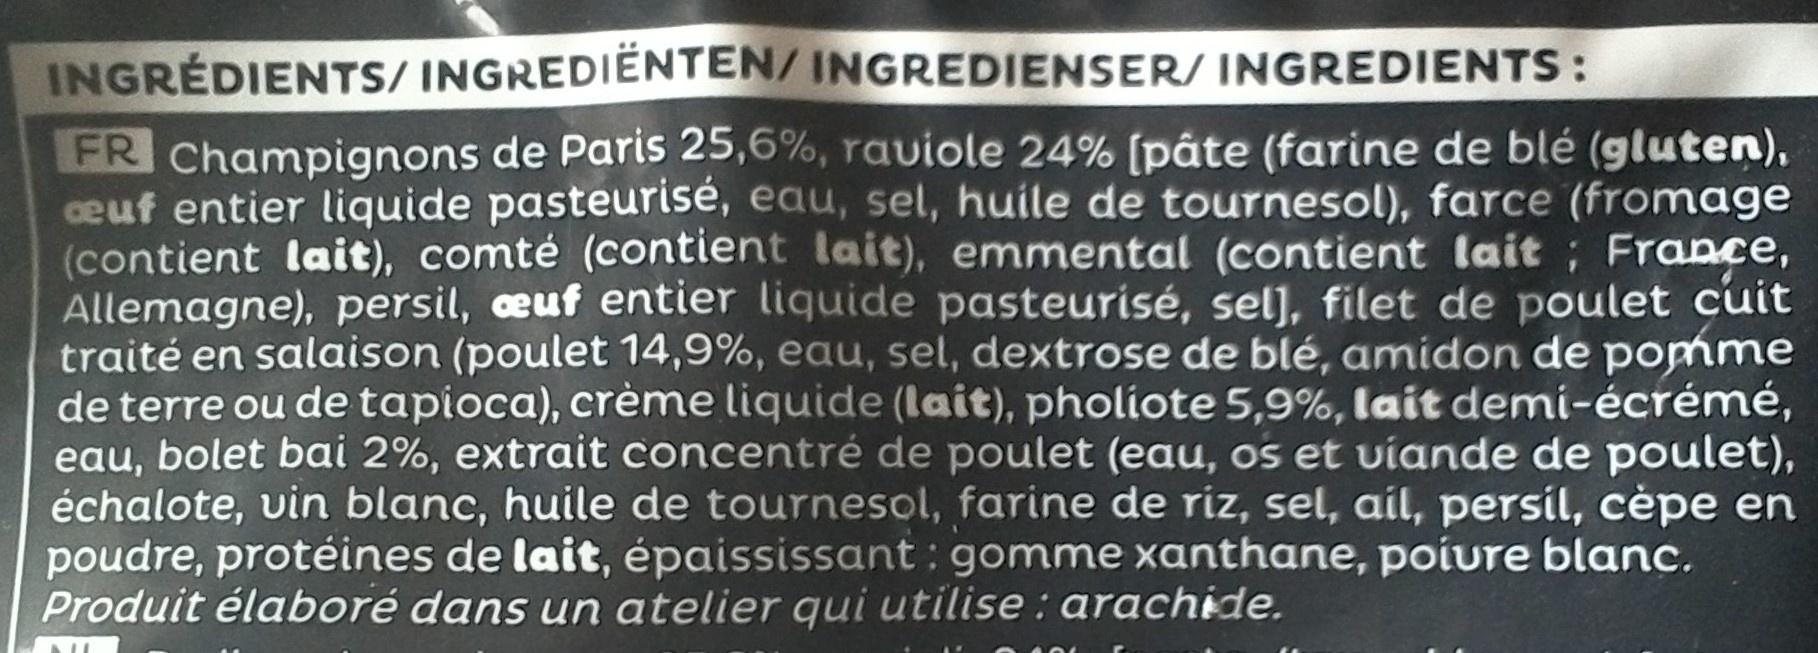 Poêlée de ravioles poulet champignons - Ingredients